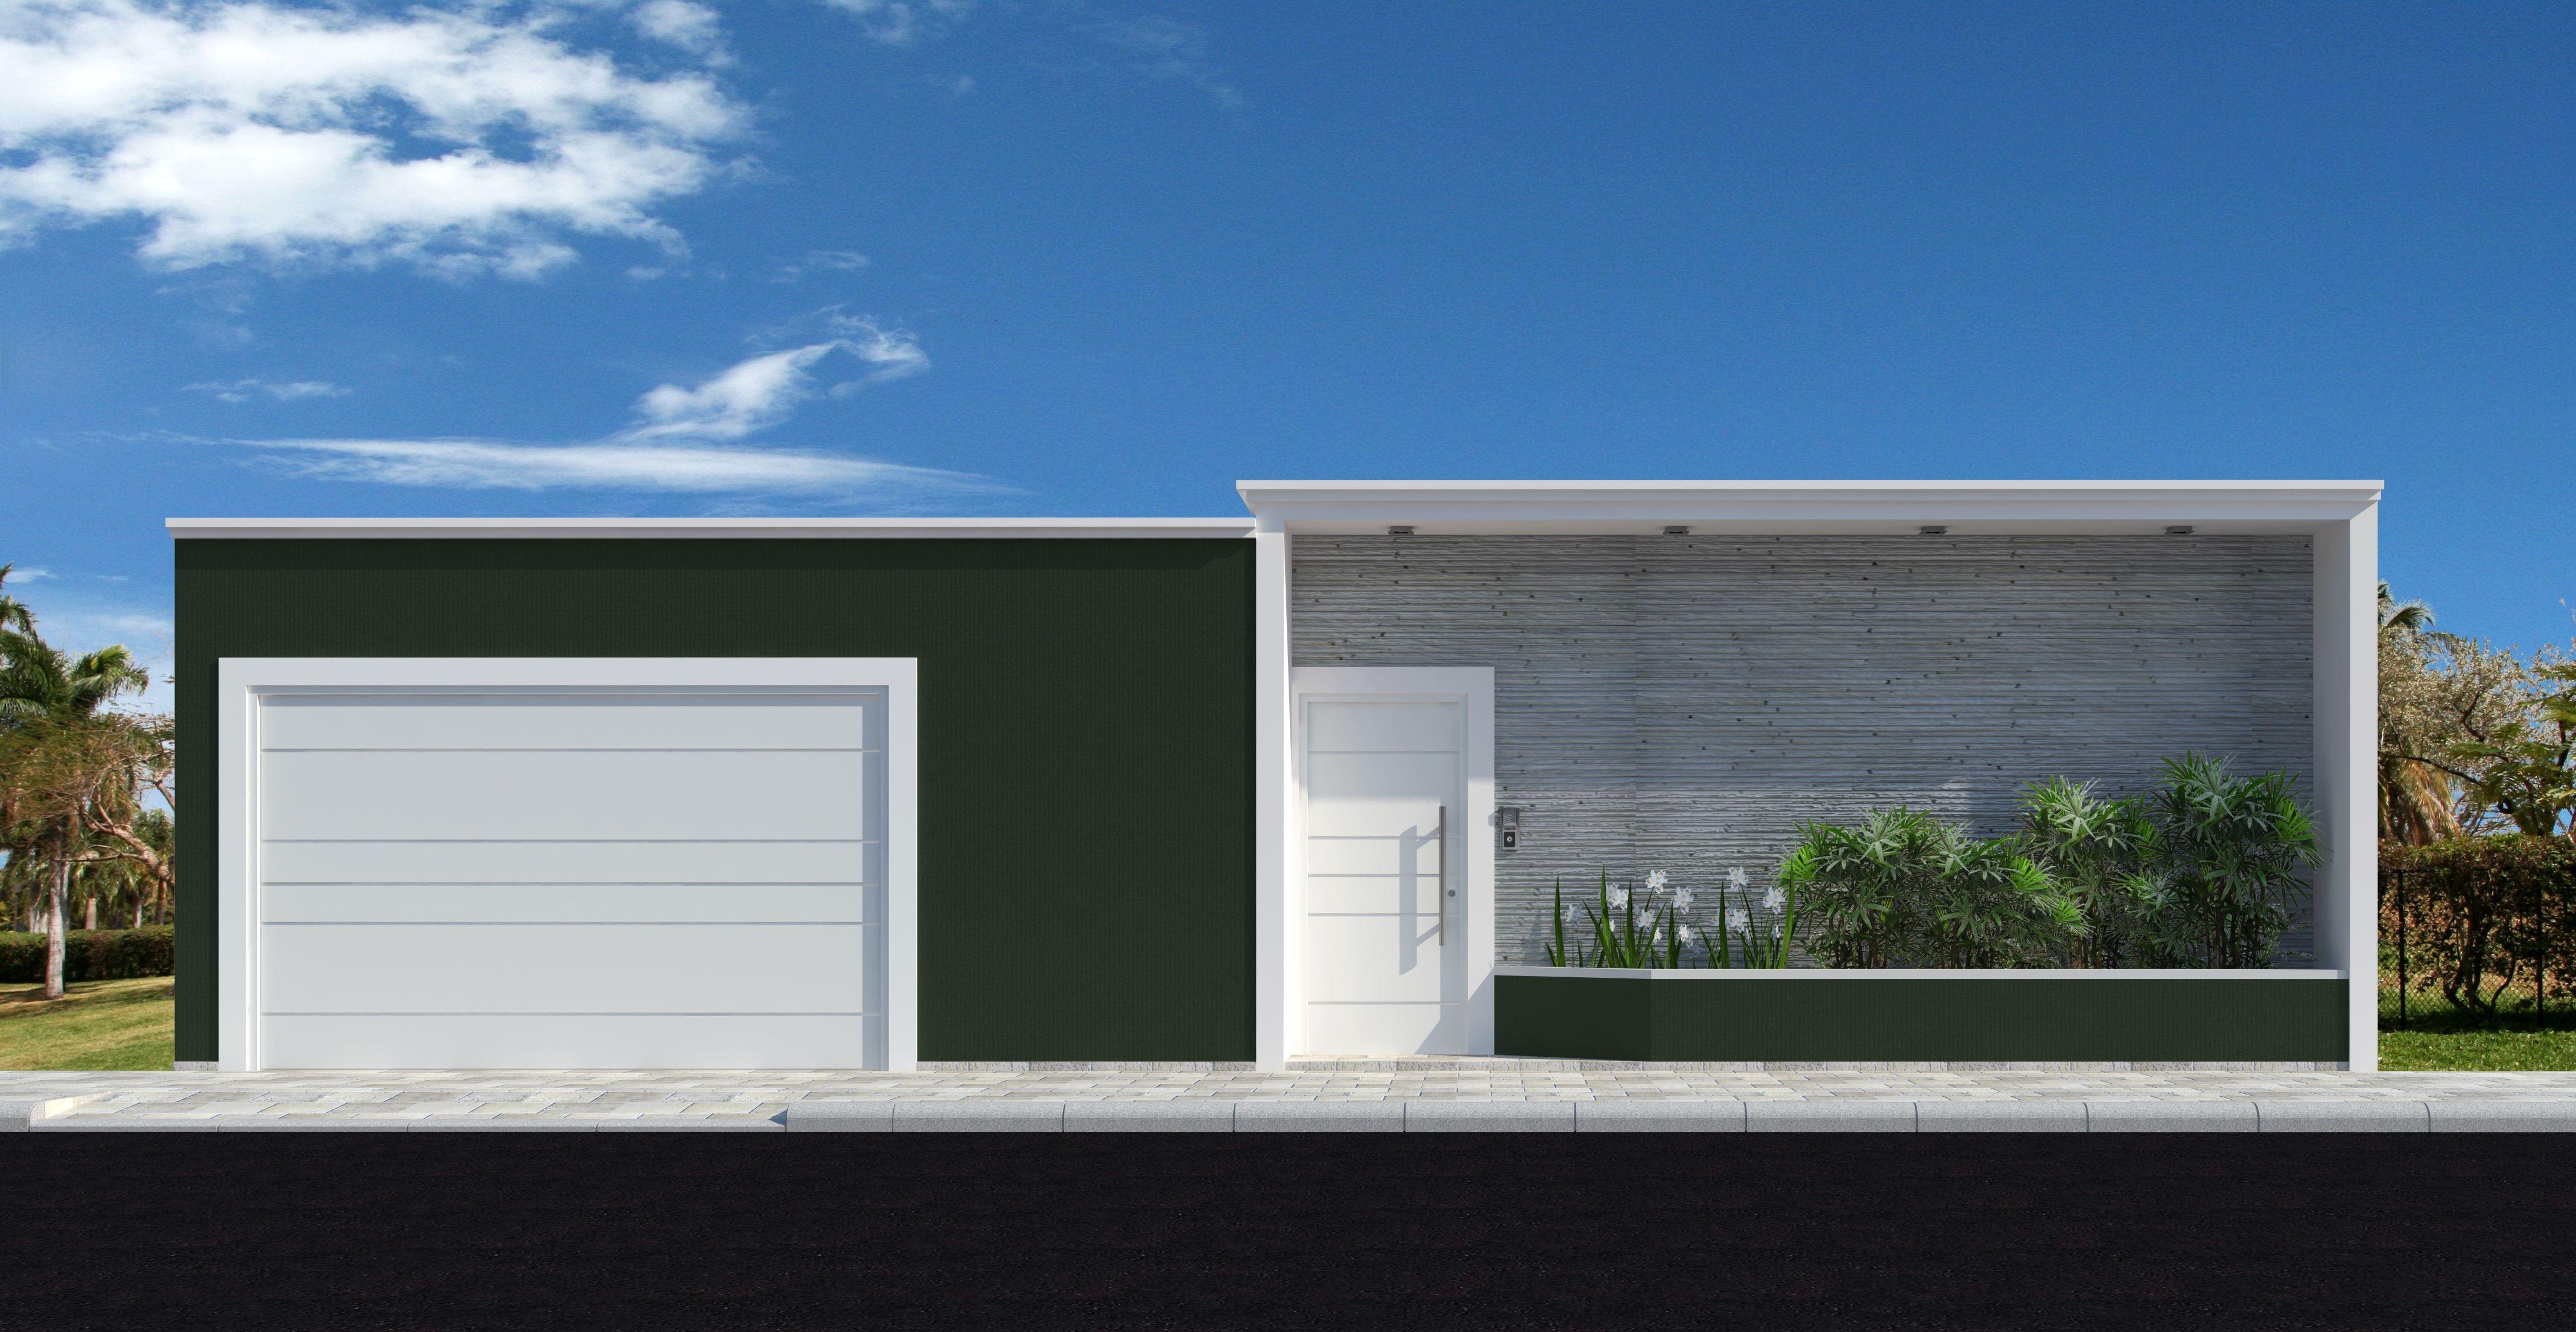 Fachadas de casas modernas com muros fotos port es for Casas modernas pintadas